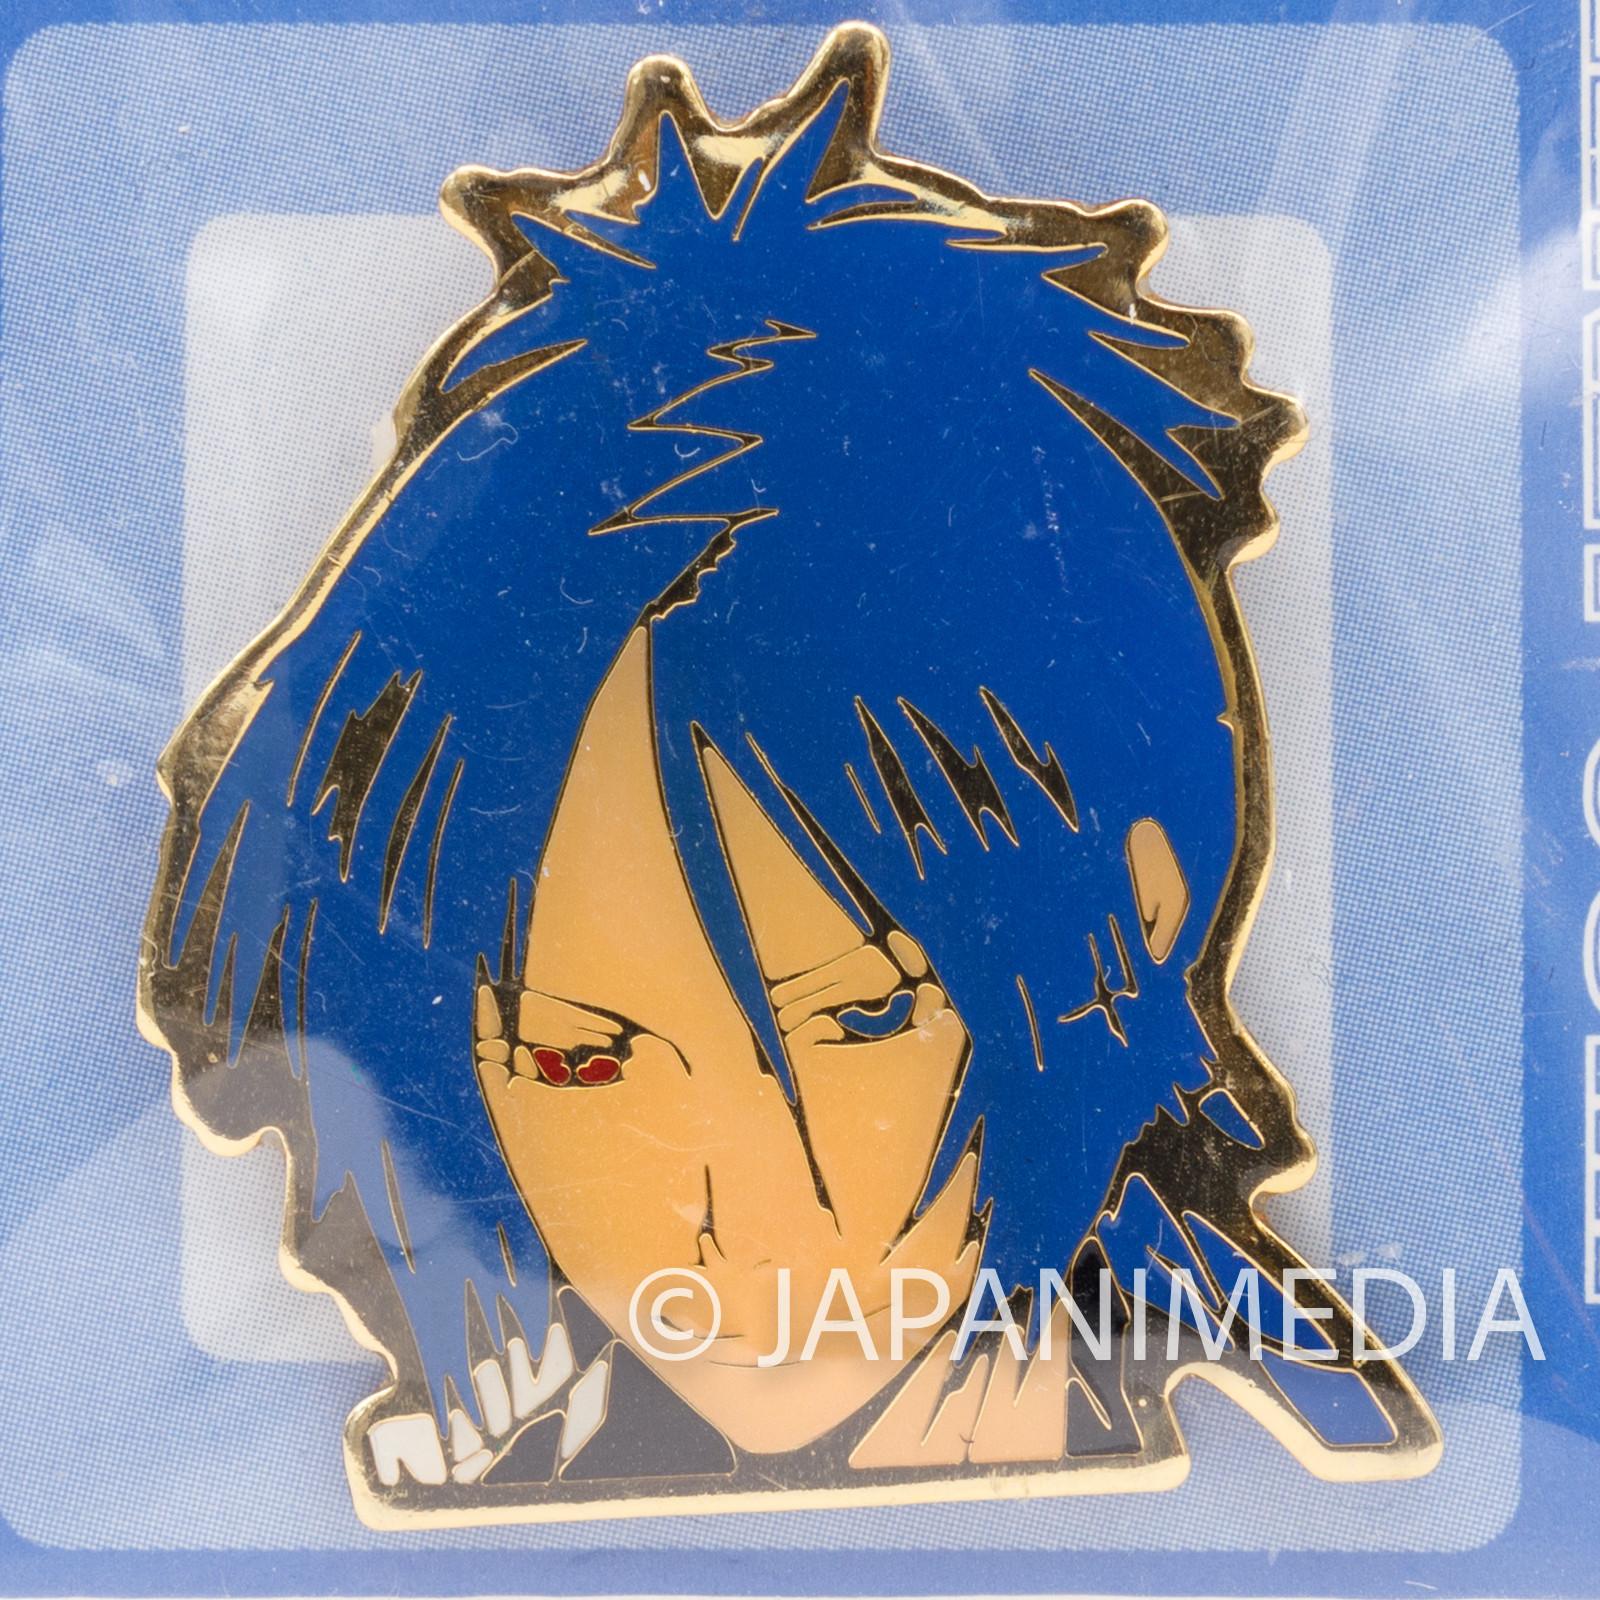 Katekyo Hitman REBORN! Mukuro Rokudo Metal Pins JAPAN ANIME WEEKLY JUMP 2